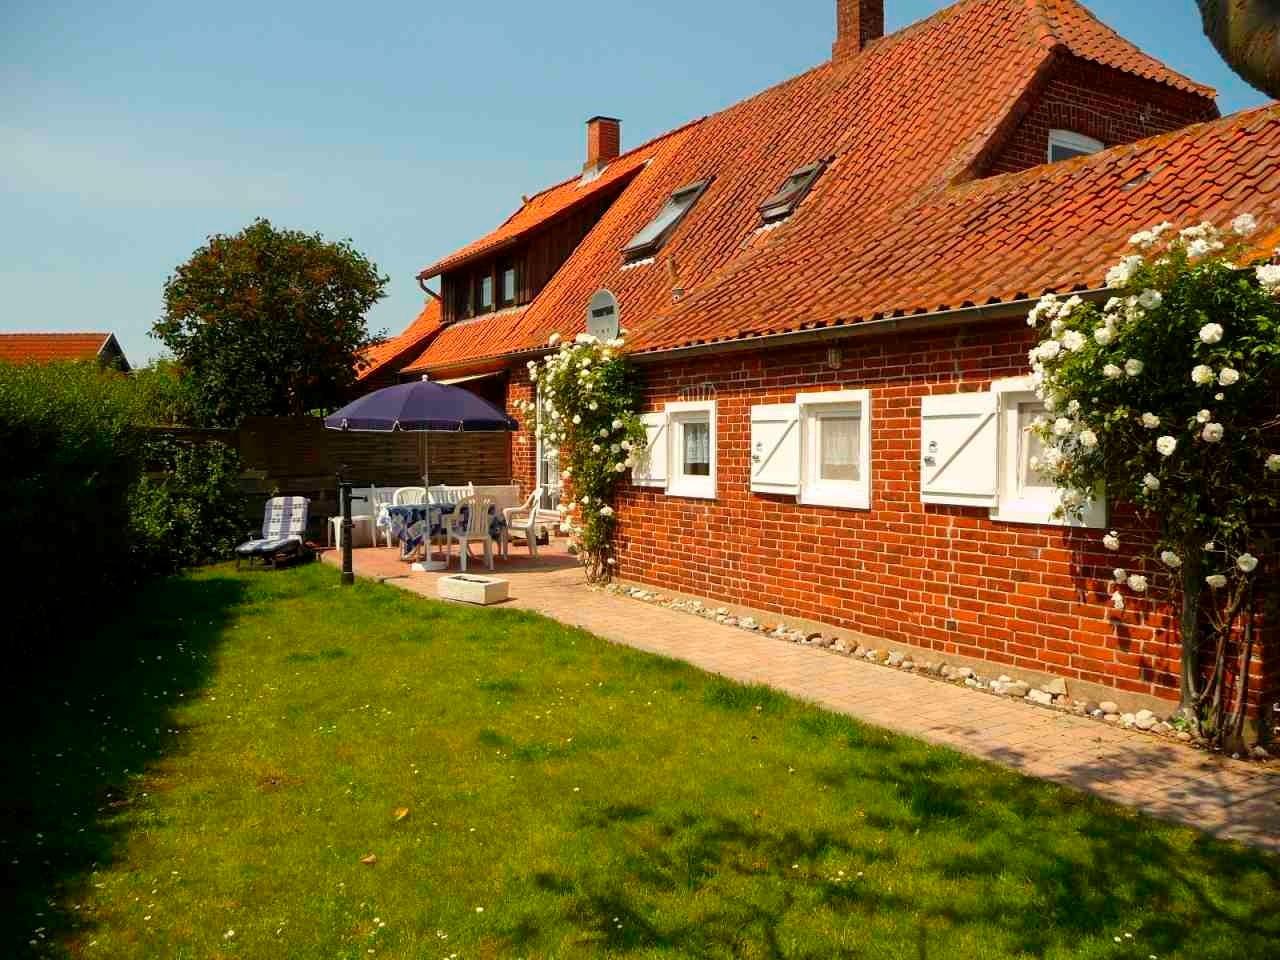 Ferienhaus Schwalm (9061) (1065896), Dänschendorf, Fehmarn, Schleswig-Holstein, Deutschland, Bild 2